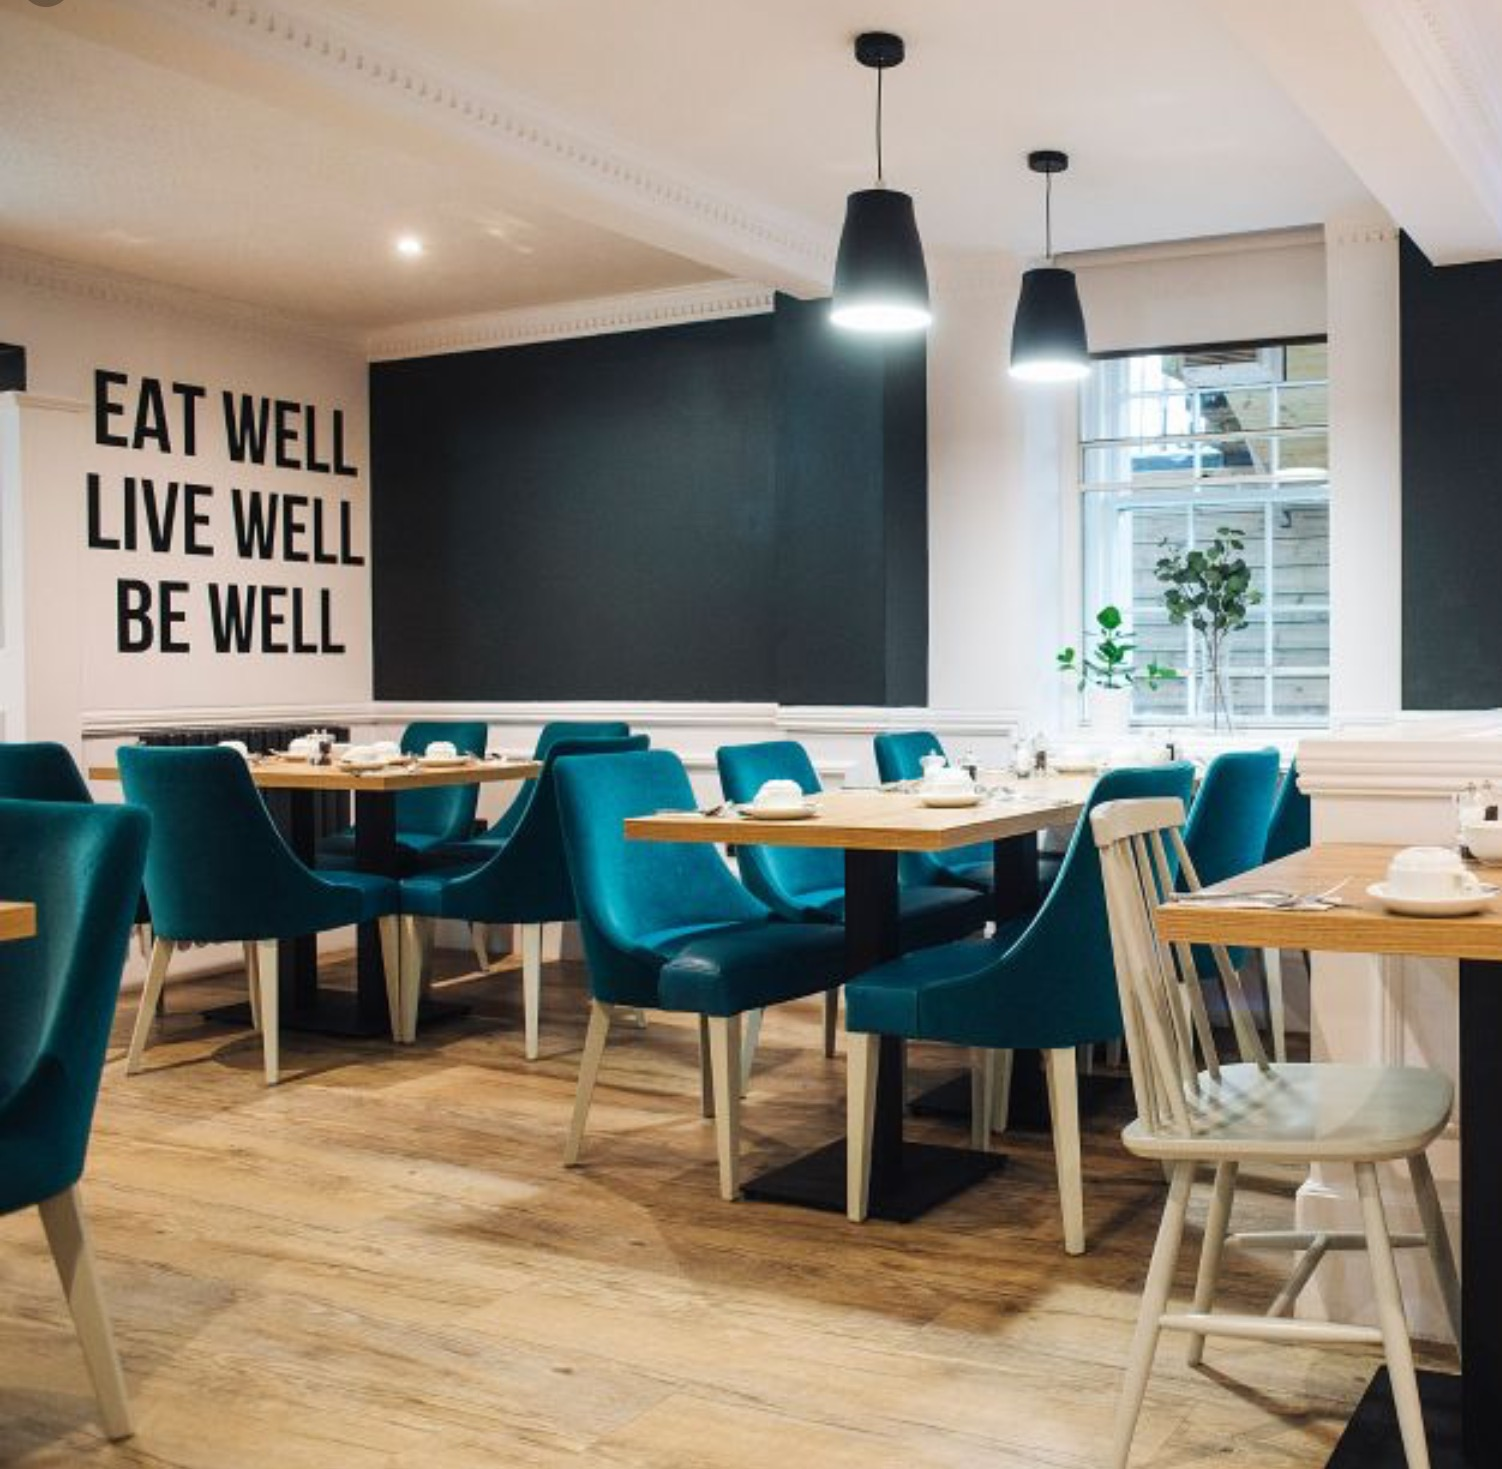 restaurant-dining-furniture-soul-food-kitchen.jpg